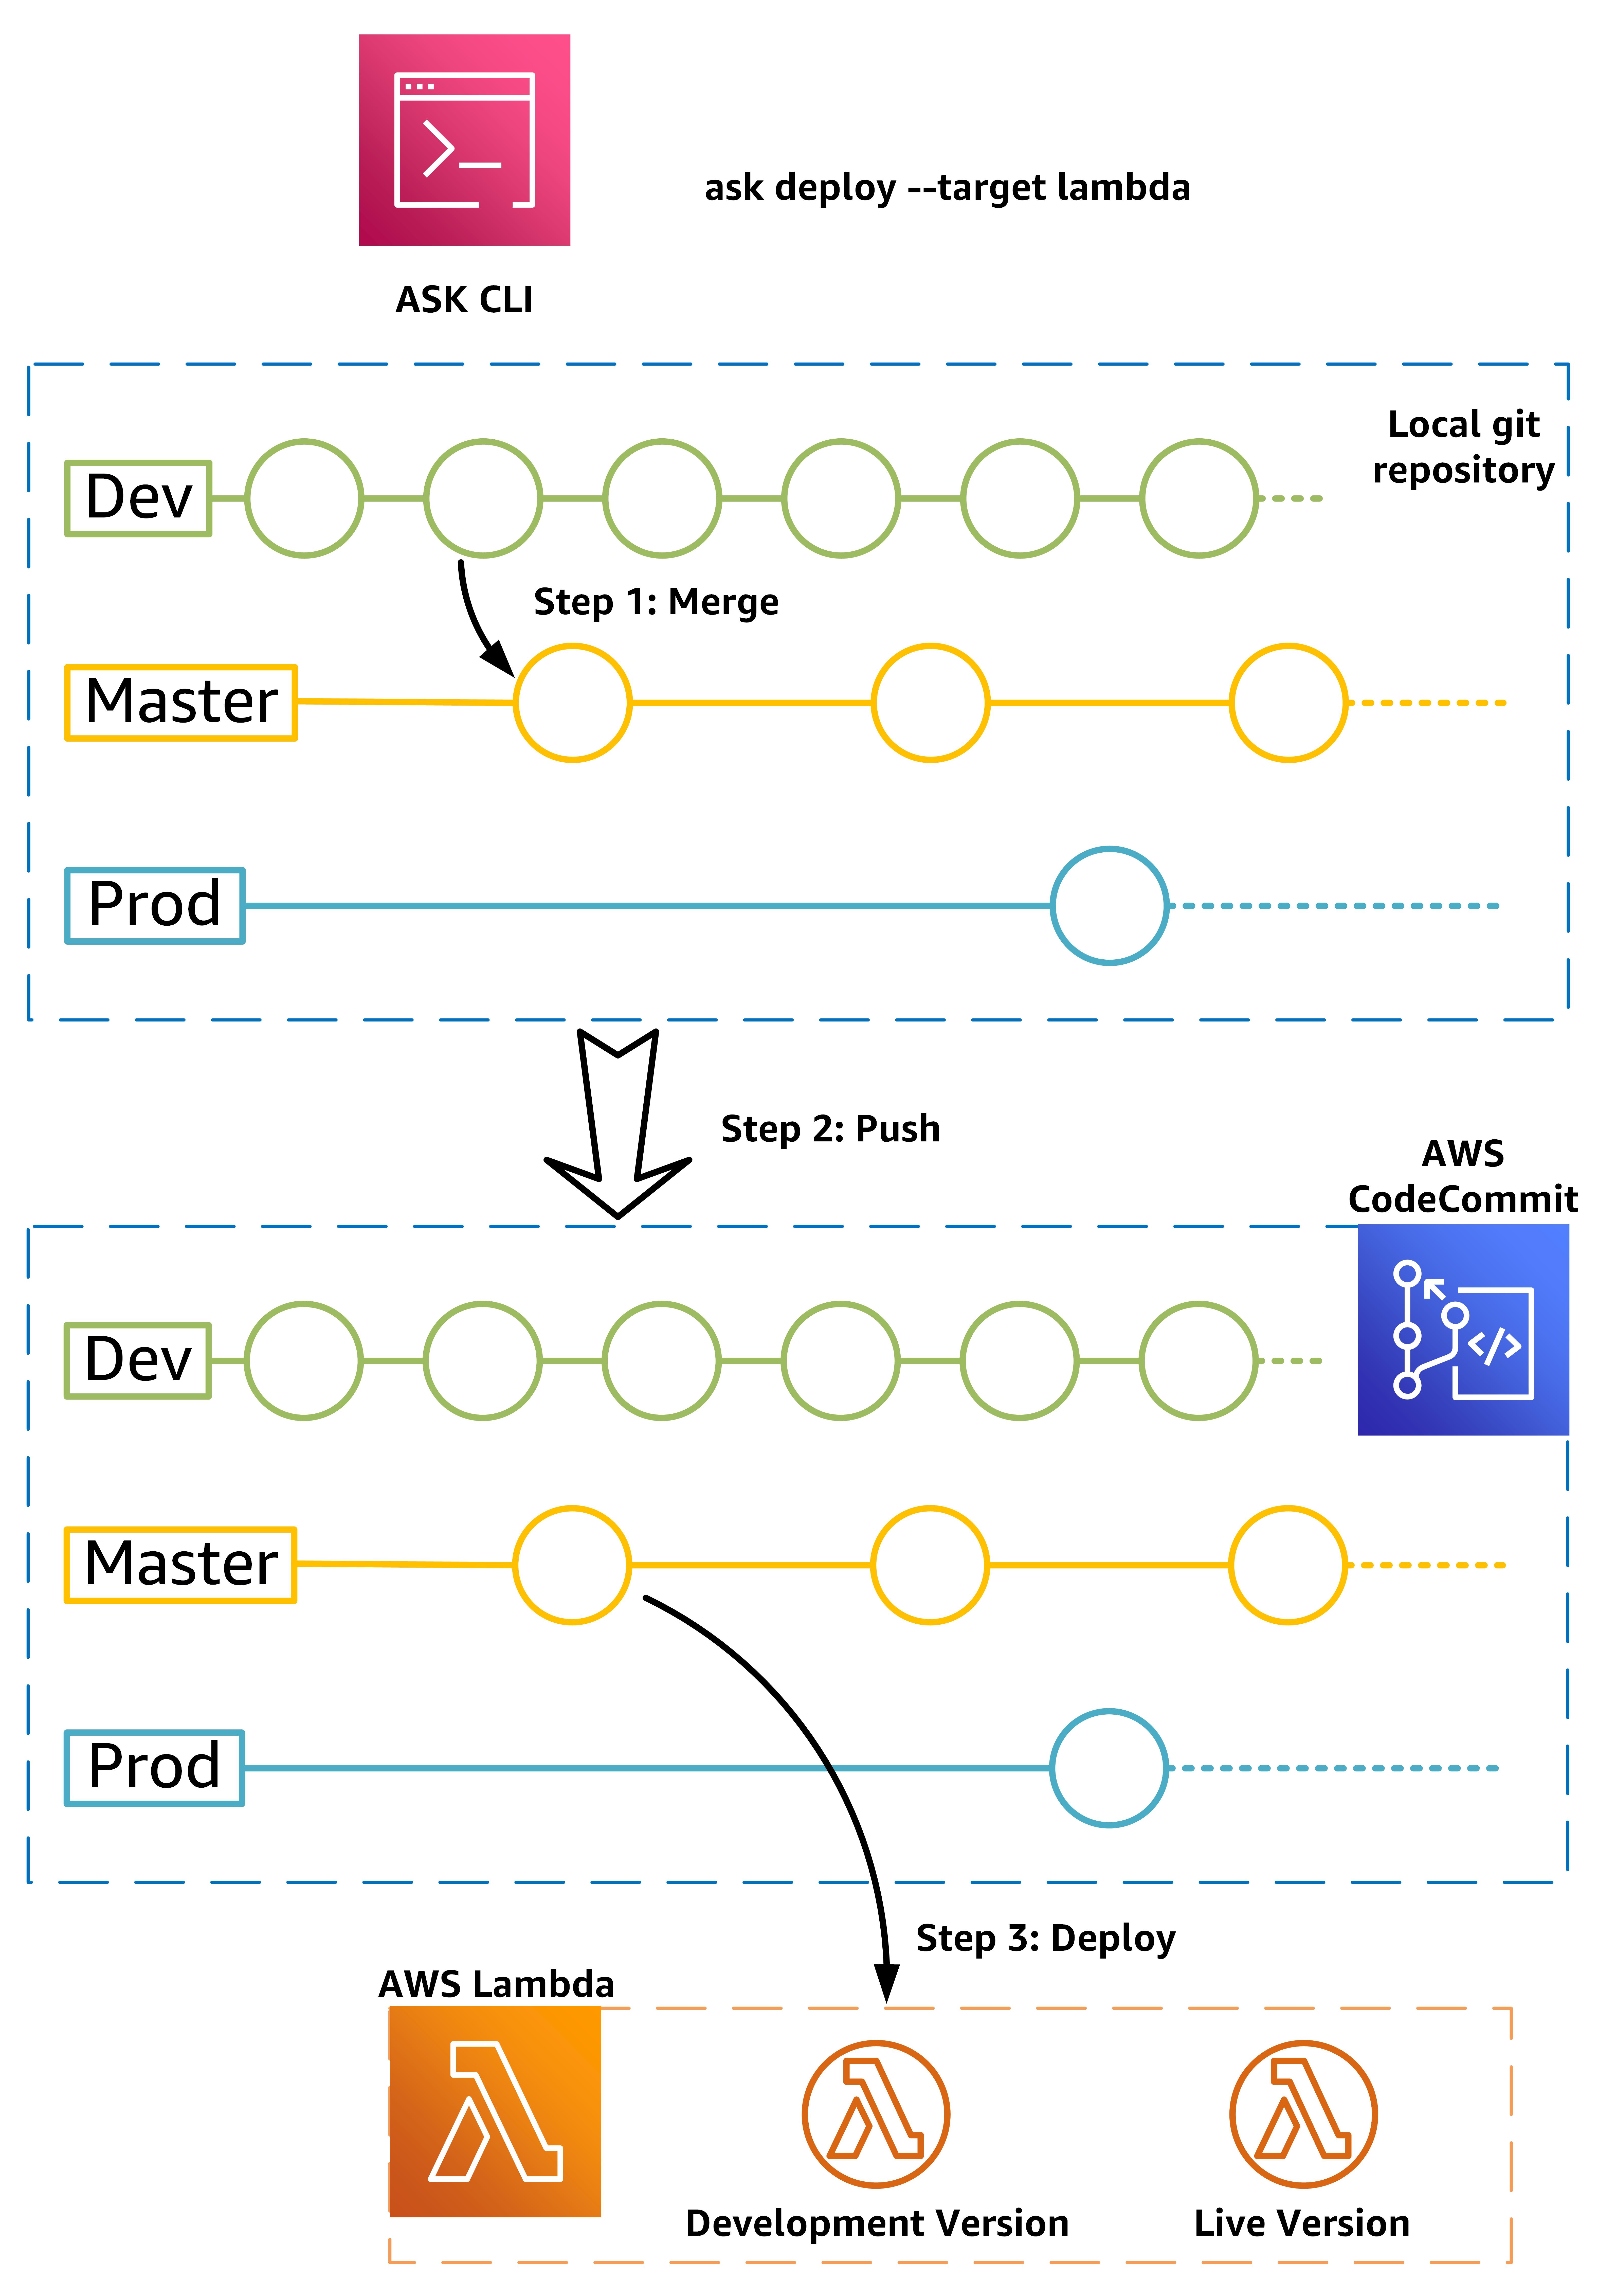 Dev Console Commands